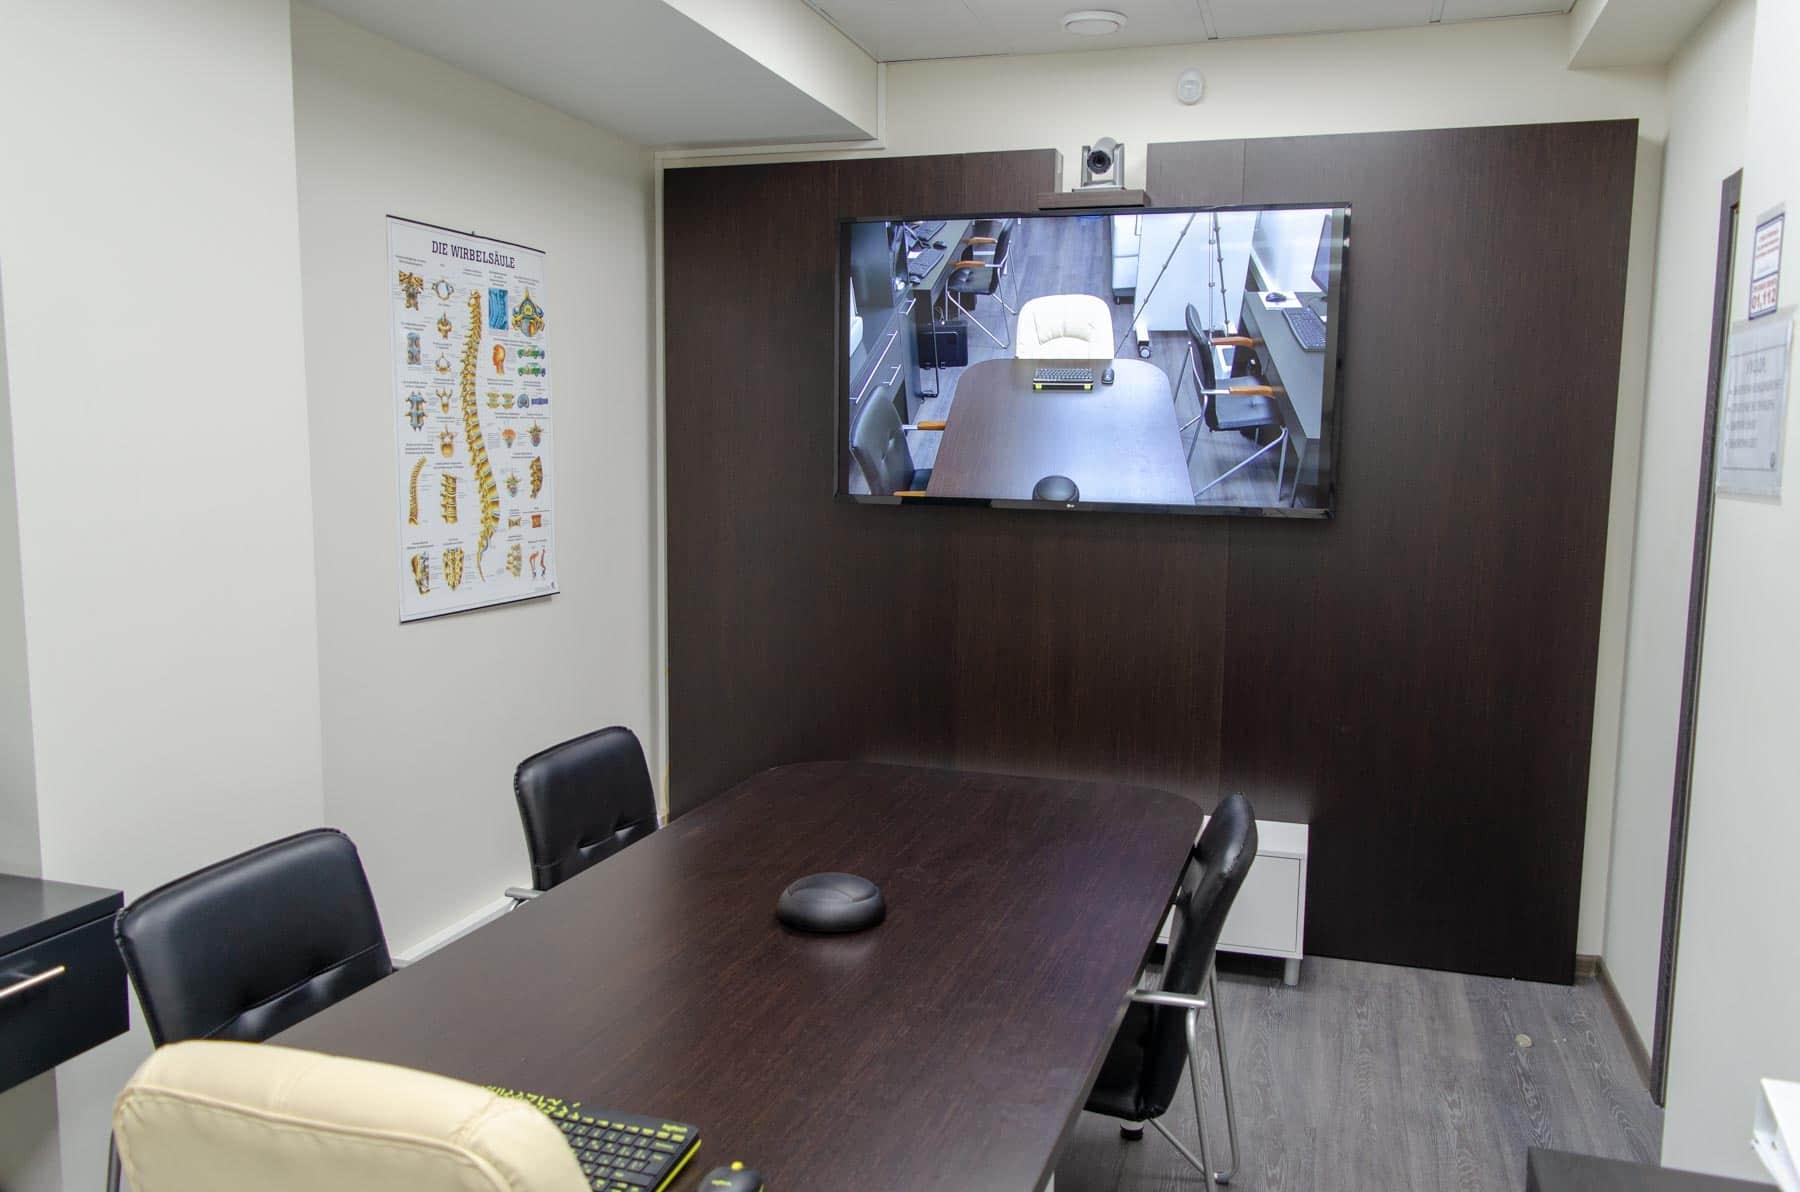 Застосування спікерфонов в переговорних кімнатах